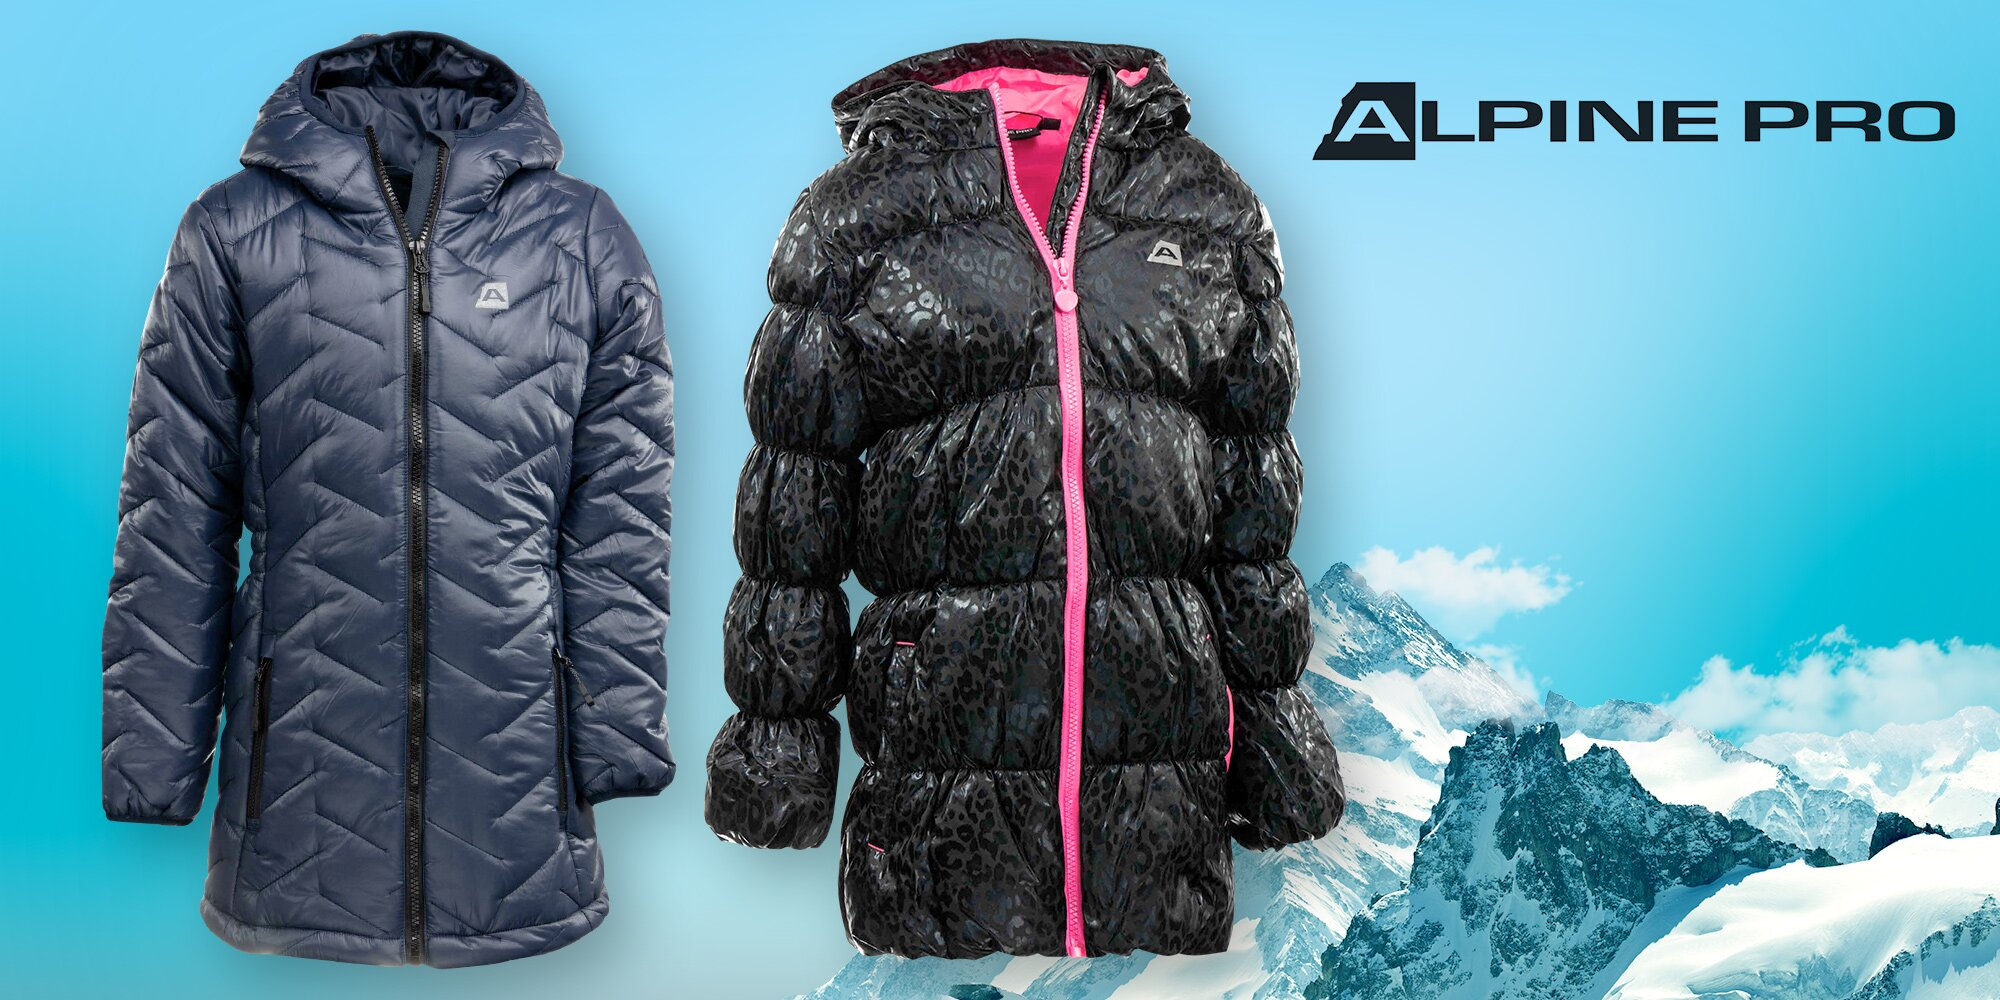 Dětské zateplené kabáty Alpine Pro  2 barvy  7689ce744a